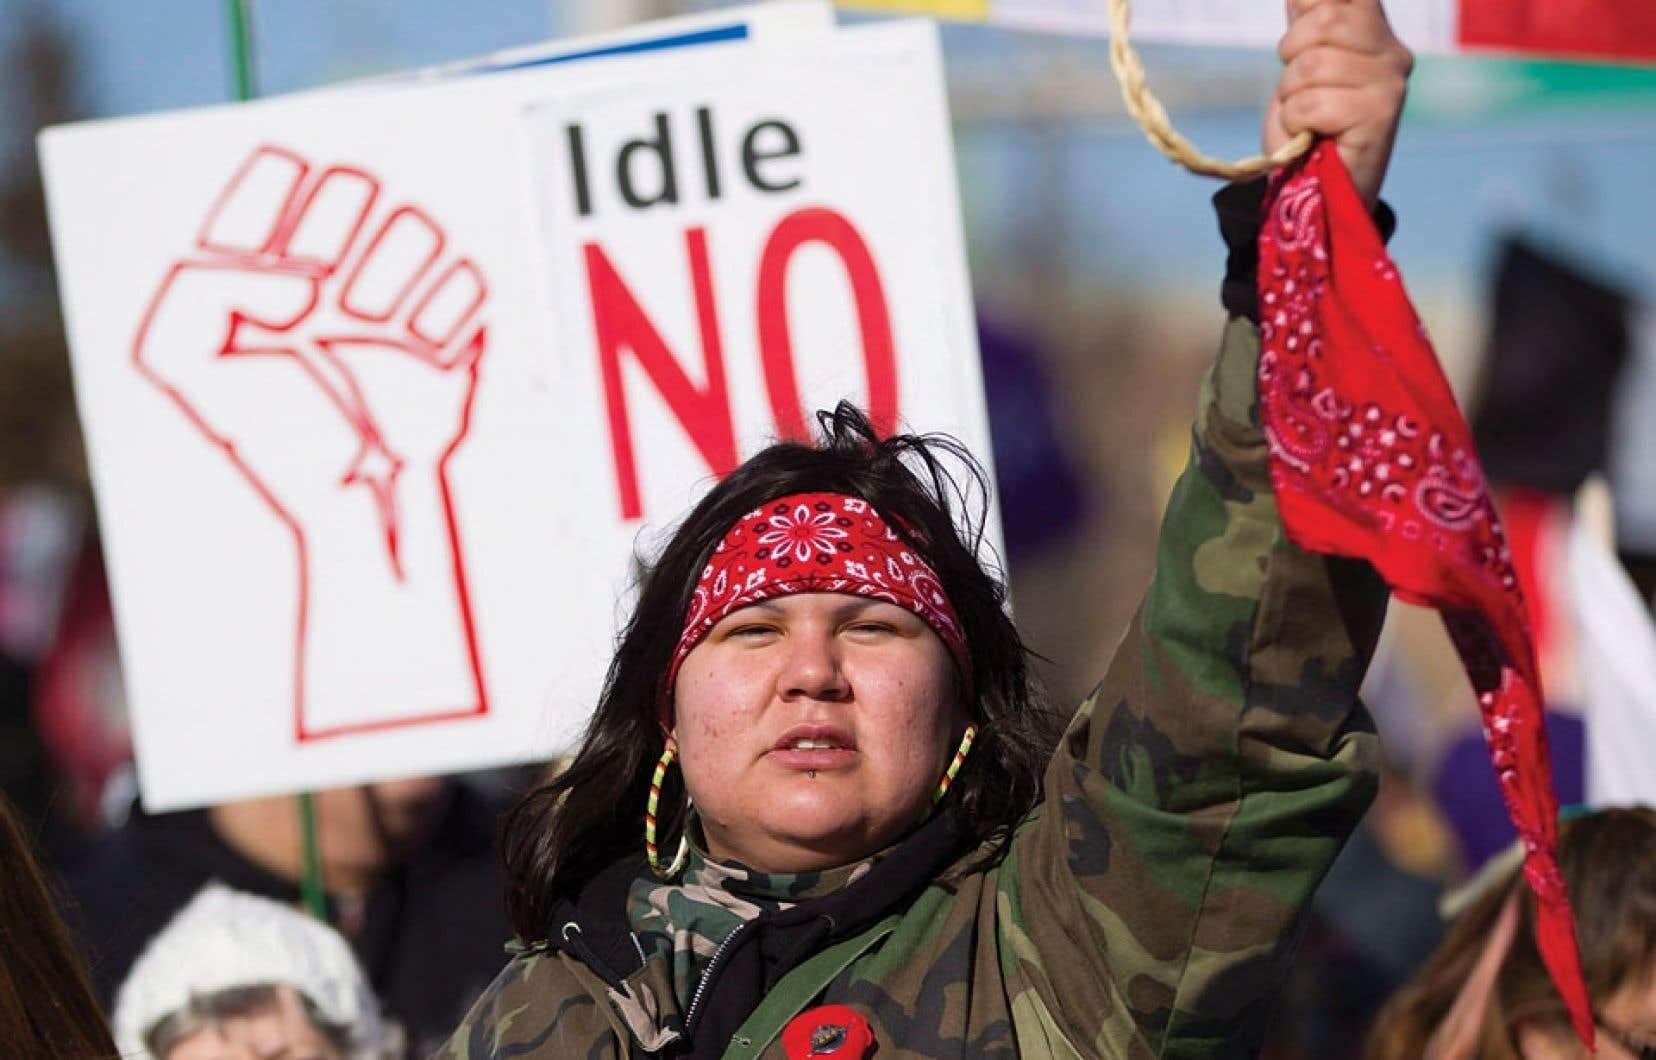 Lui-même algonquin, le sénateur Patrick Brazeau a notamment affirmé que les protestataires du mouvement Idle No More - comme ceux ayant perturbé la circulation près du pont Ambassador, à Windsor, le 16 janvier dernier - ne « représentent rien ».